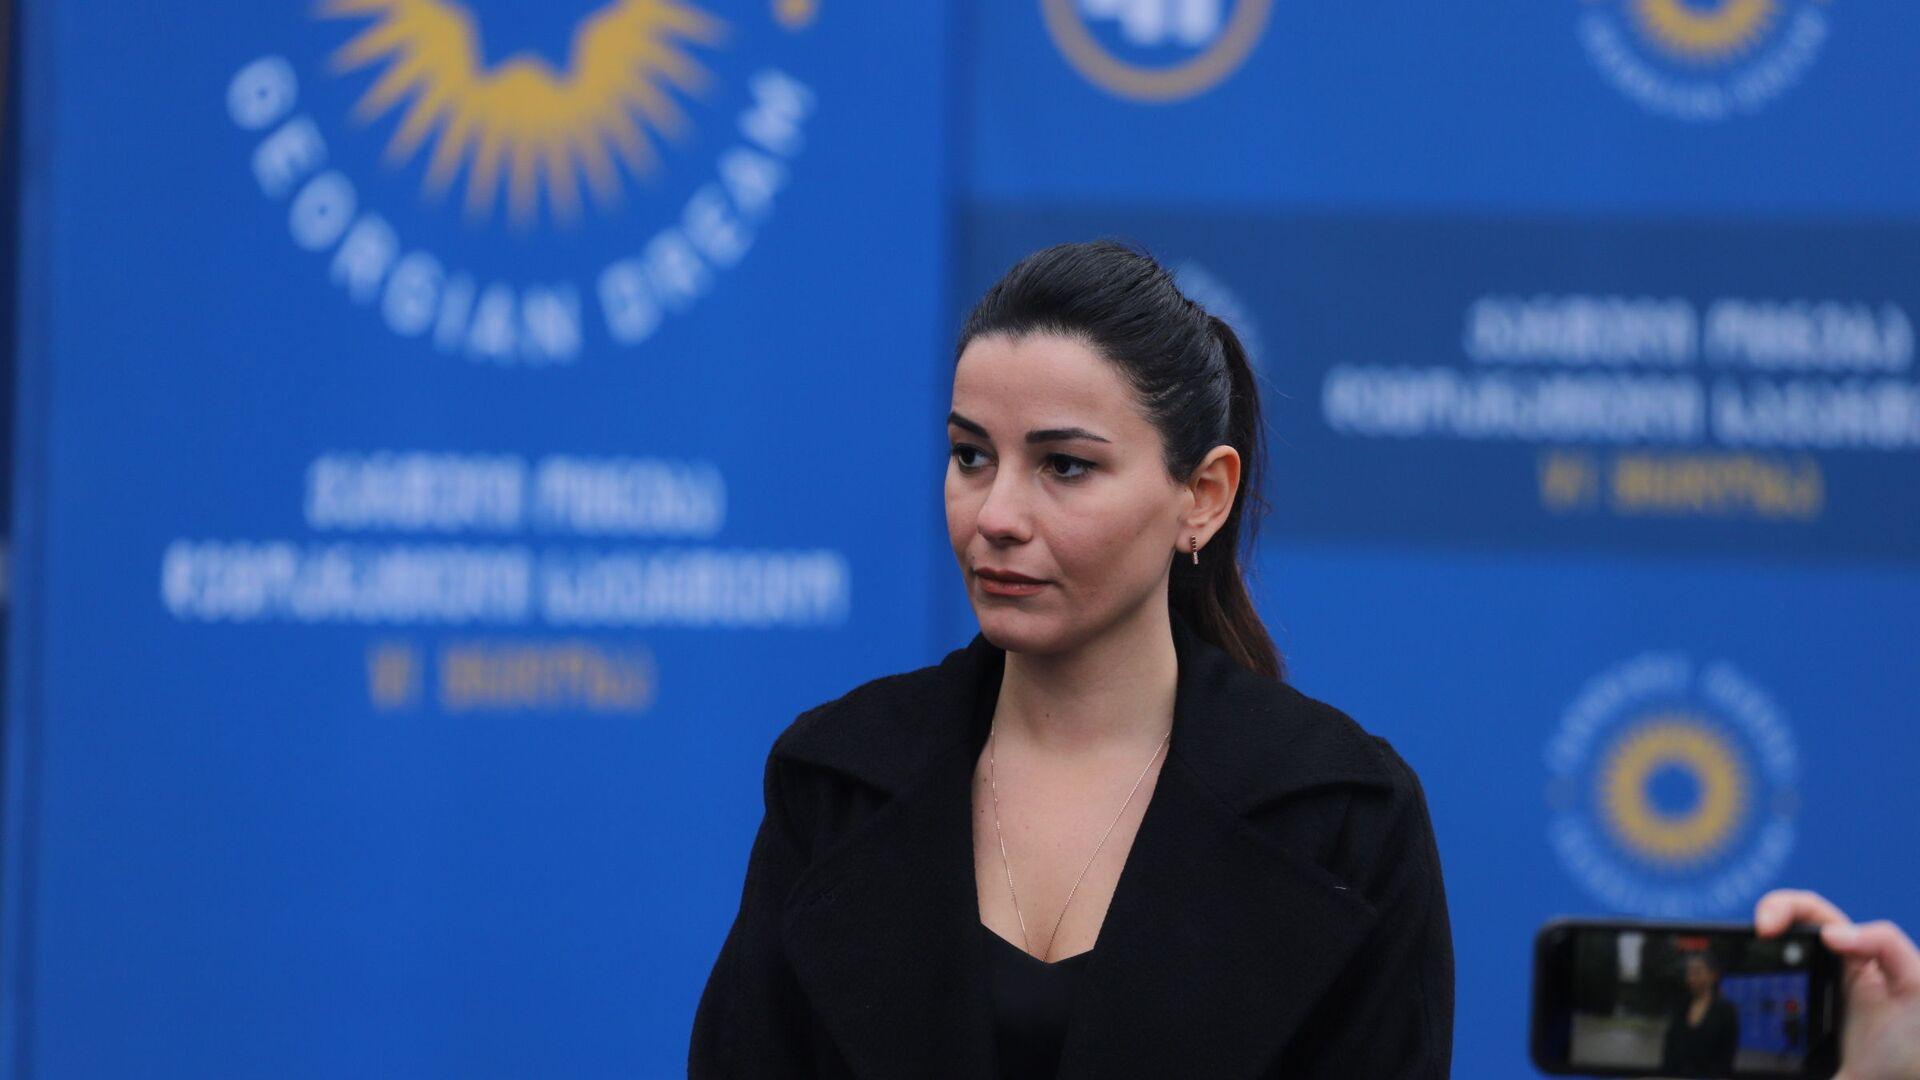 Мариам Квривишвили. Съезд правящей партии Грузинская мечта 16 января 2021 года - Sputnik Грузия, 1920, 27.05.2021